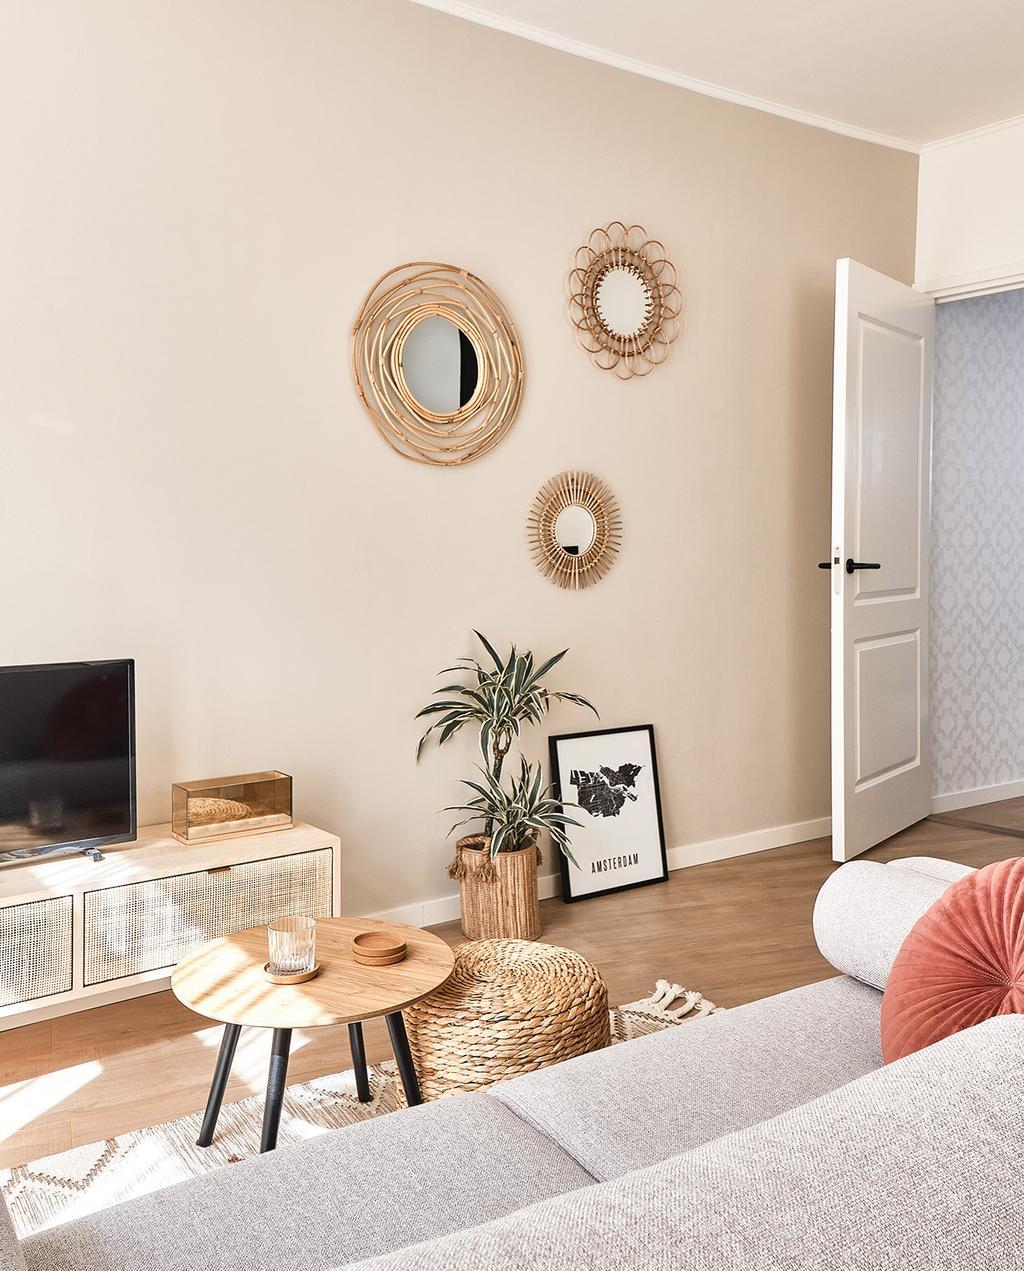 vtwonen special tiny houses | spiegels aan de muur met een tv